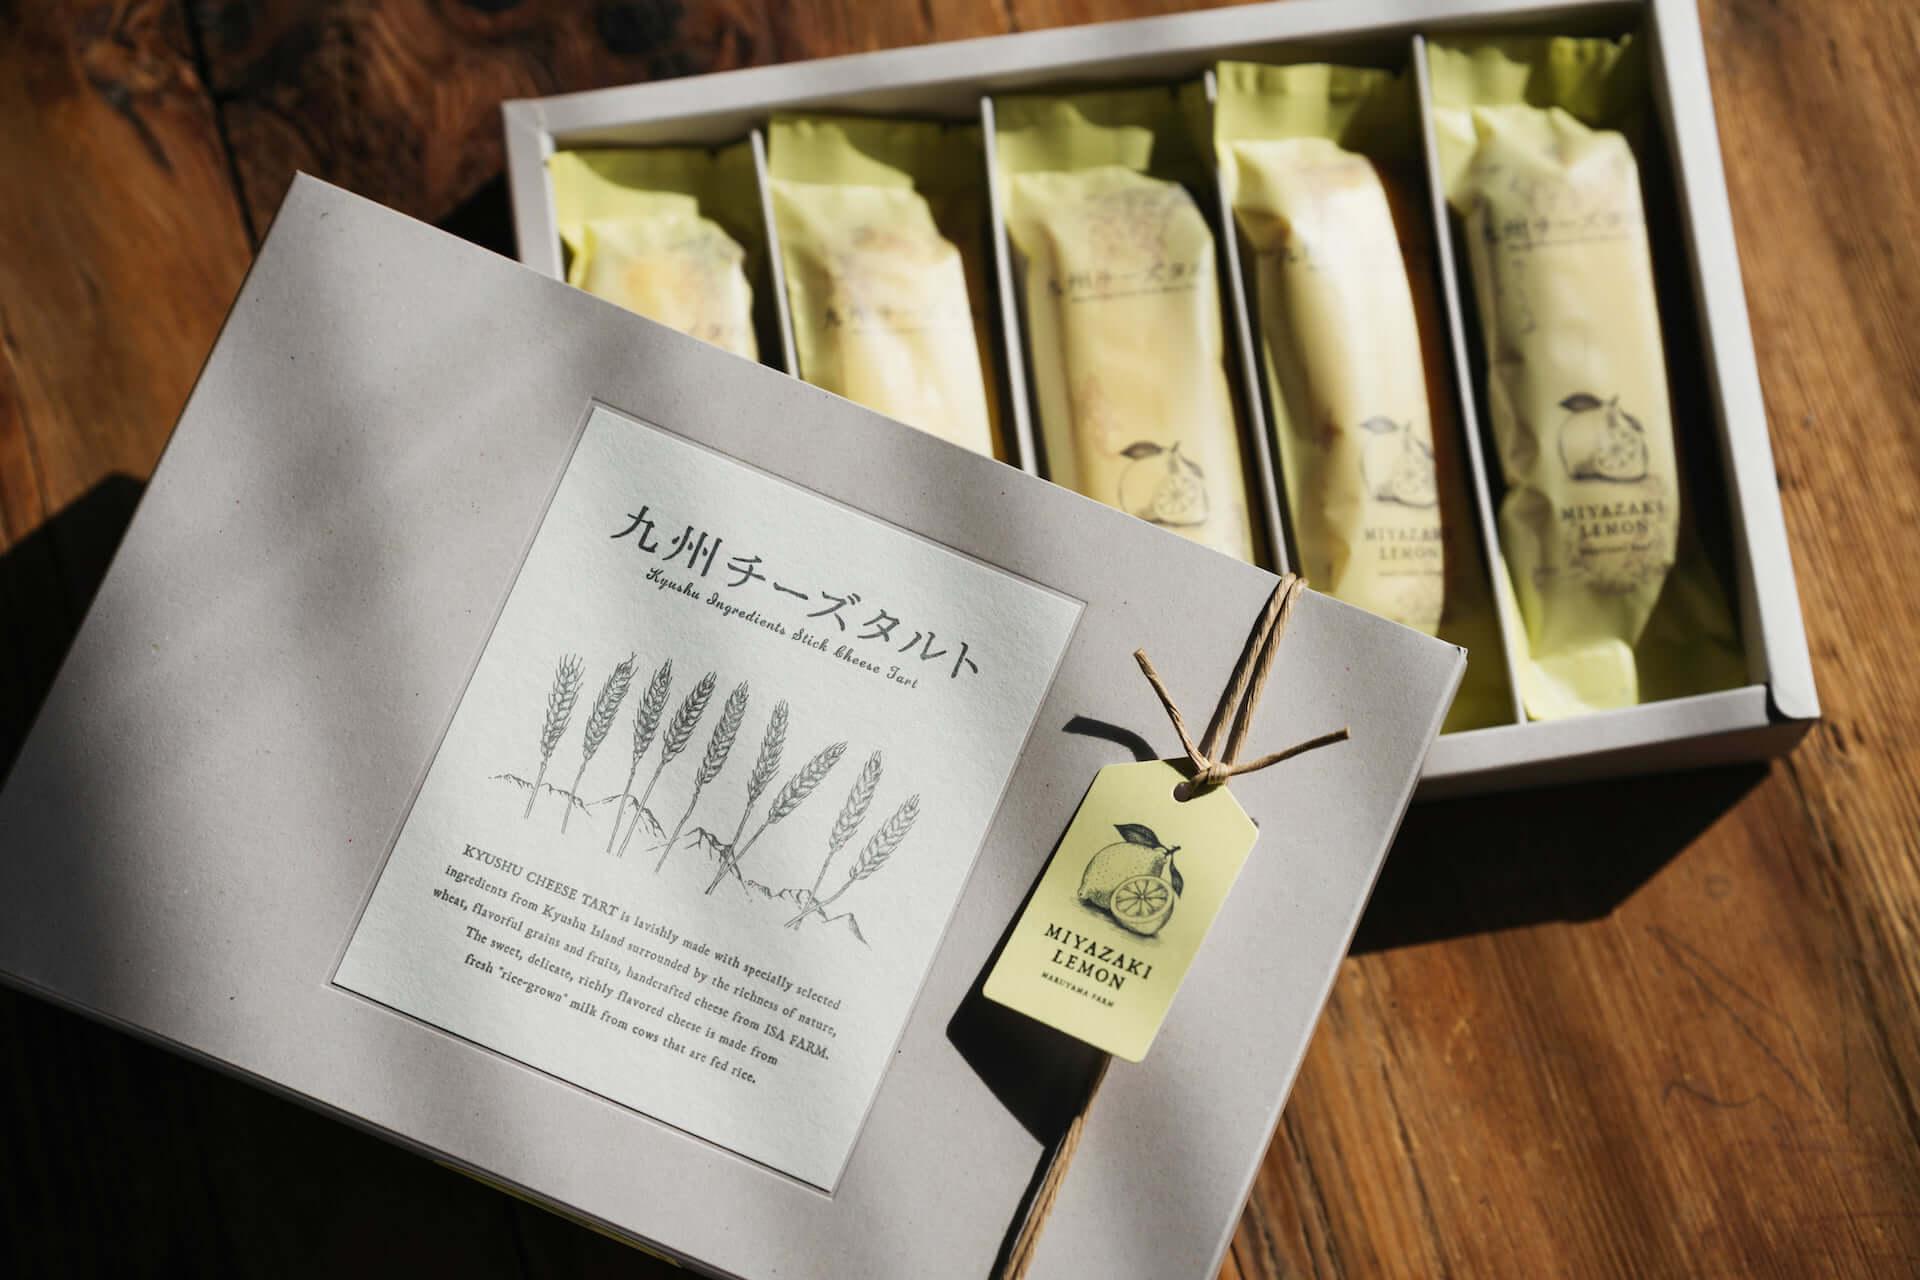 リスボンレモンを使用した新感覚スイーツ『九州チーズタルト』がMakuakeにて目標金額1000%を達成!先行販売も実施中 gourmet210219_kyushu-cheesetarte_1-1920x1280